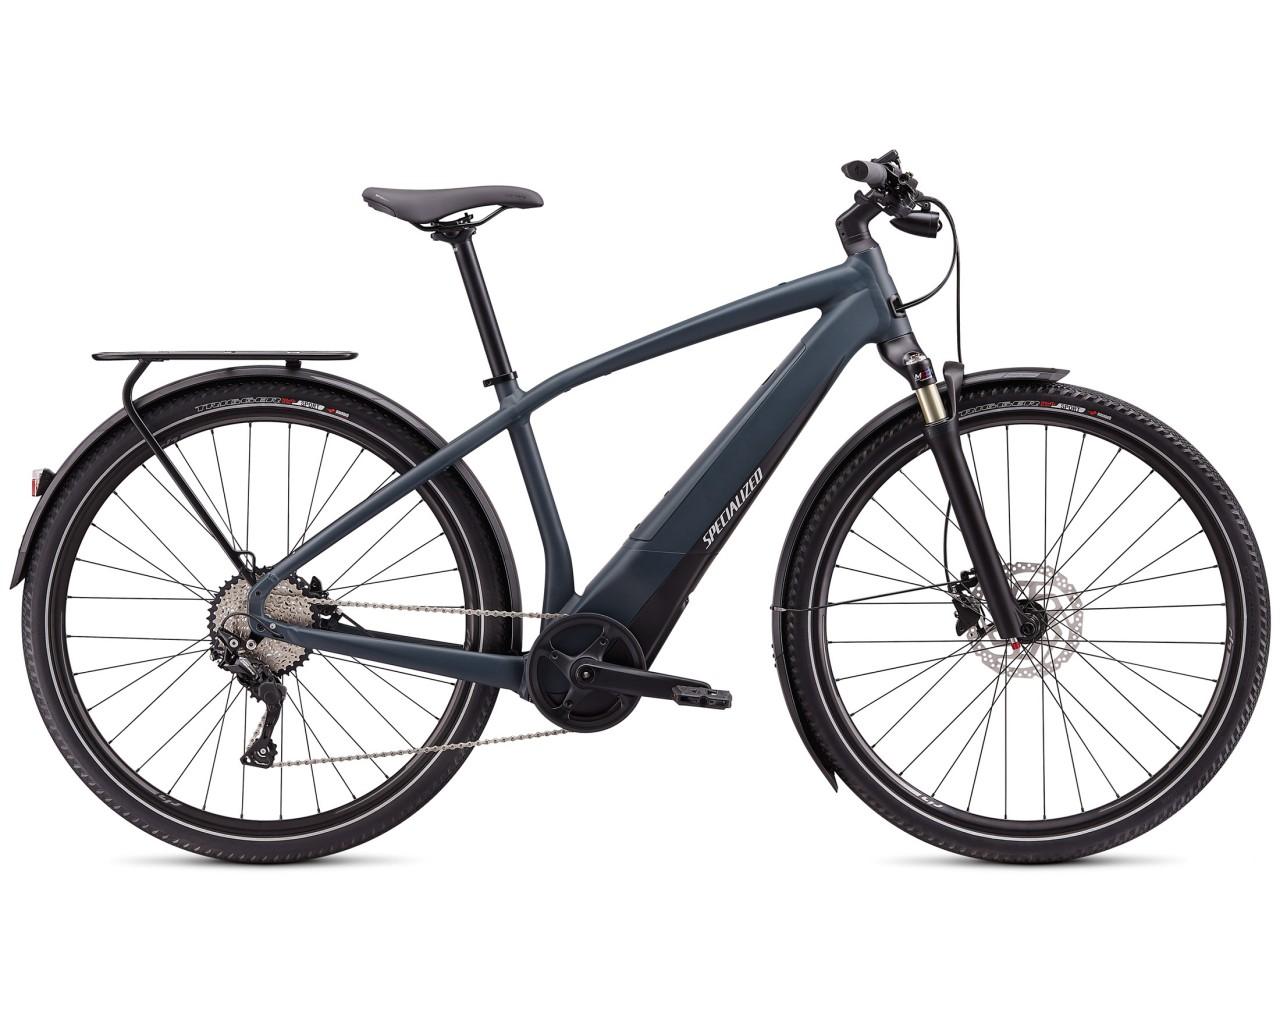 Specialized Vado 4.0 - Pedelec Trekking Bicycle 2020   carbon-black-liquid silver